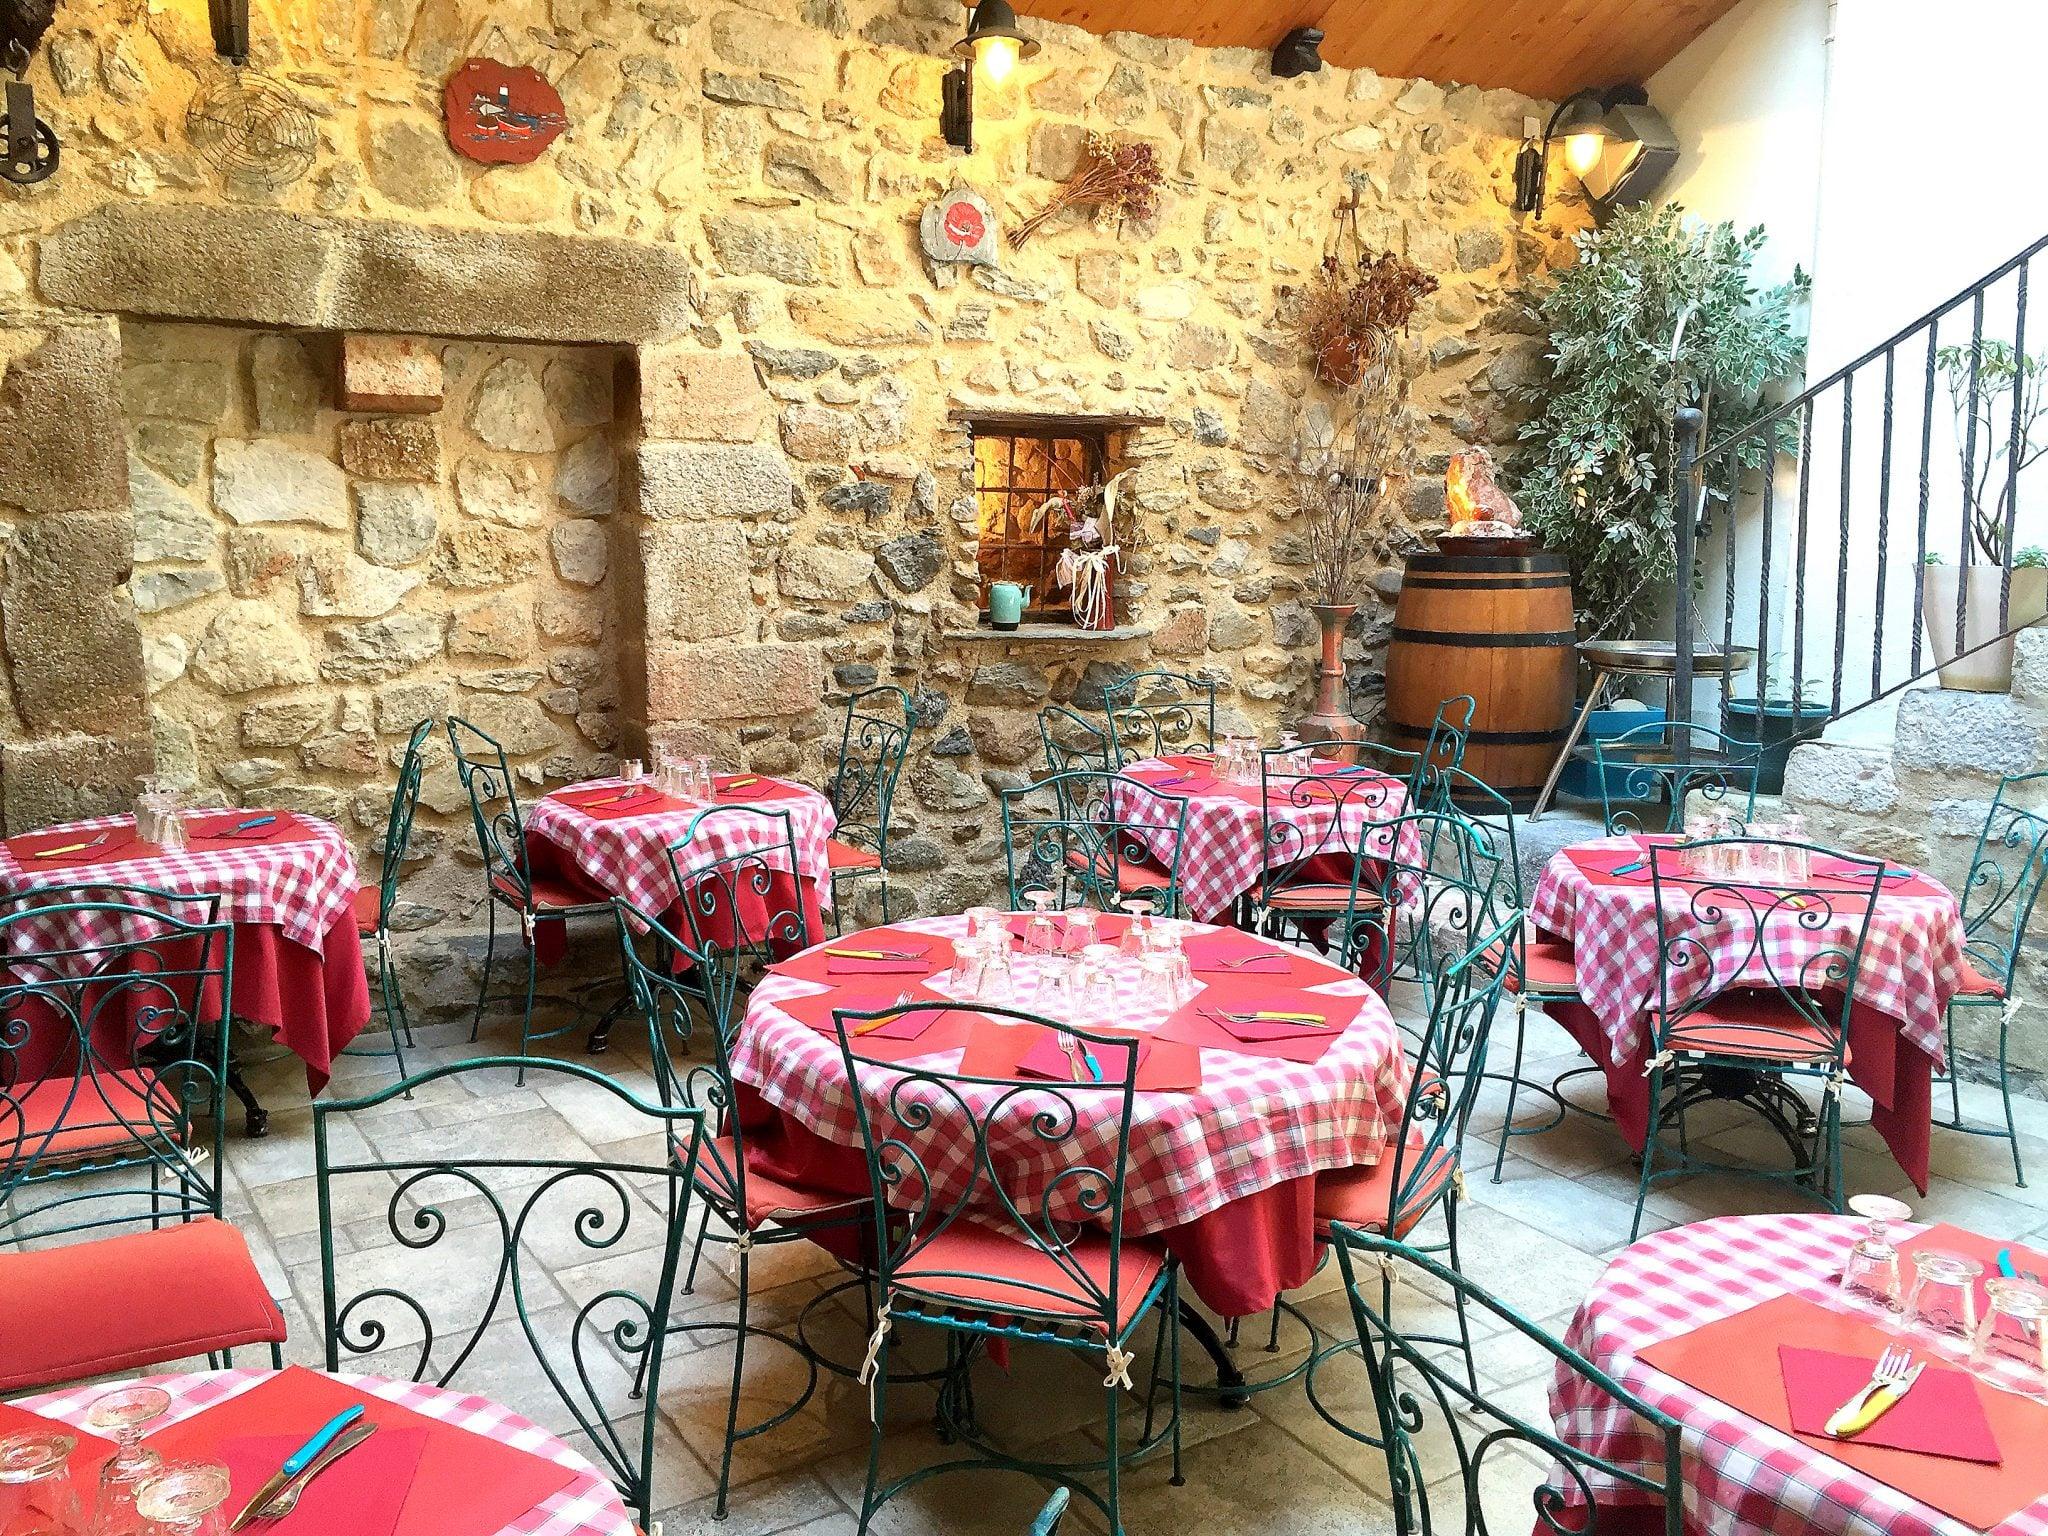 Cuisine traditionnelle sp cialit s catalanes villefranche de conflent restaurant le patio - Le patio restaurant montreuil sur mer ...